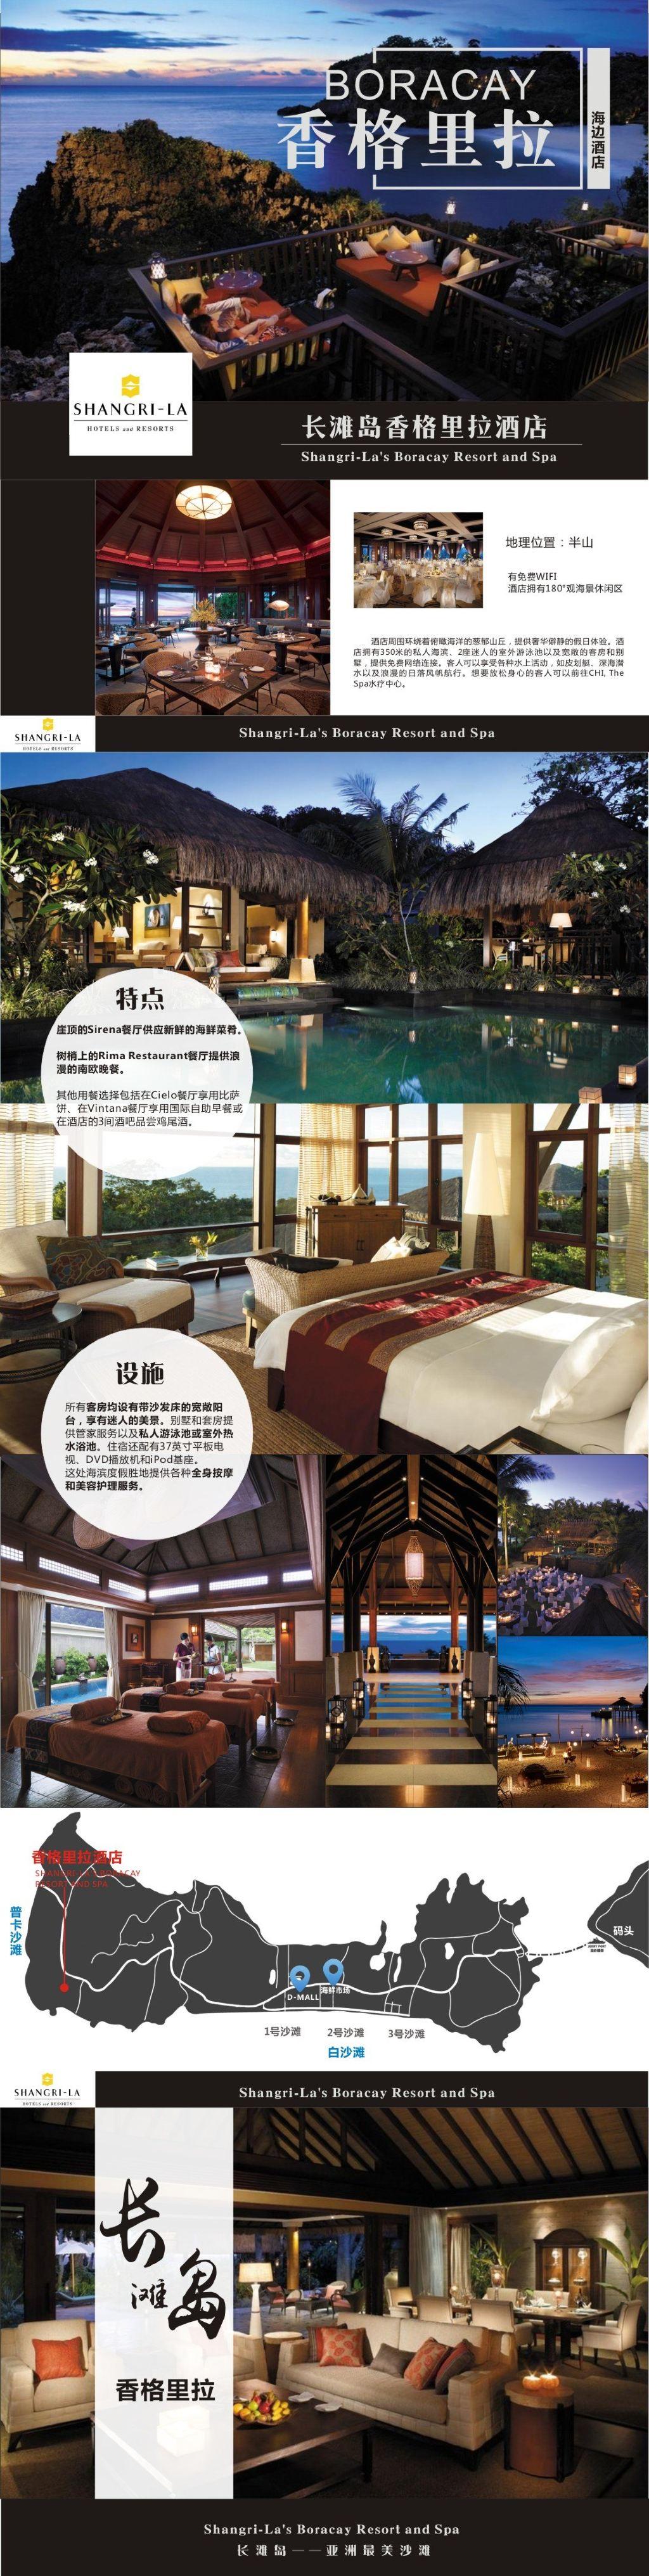 菲律宾长滩岛6日5晚自由行·当地五星酒店+机票+接送